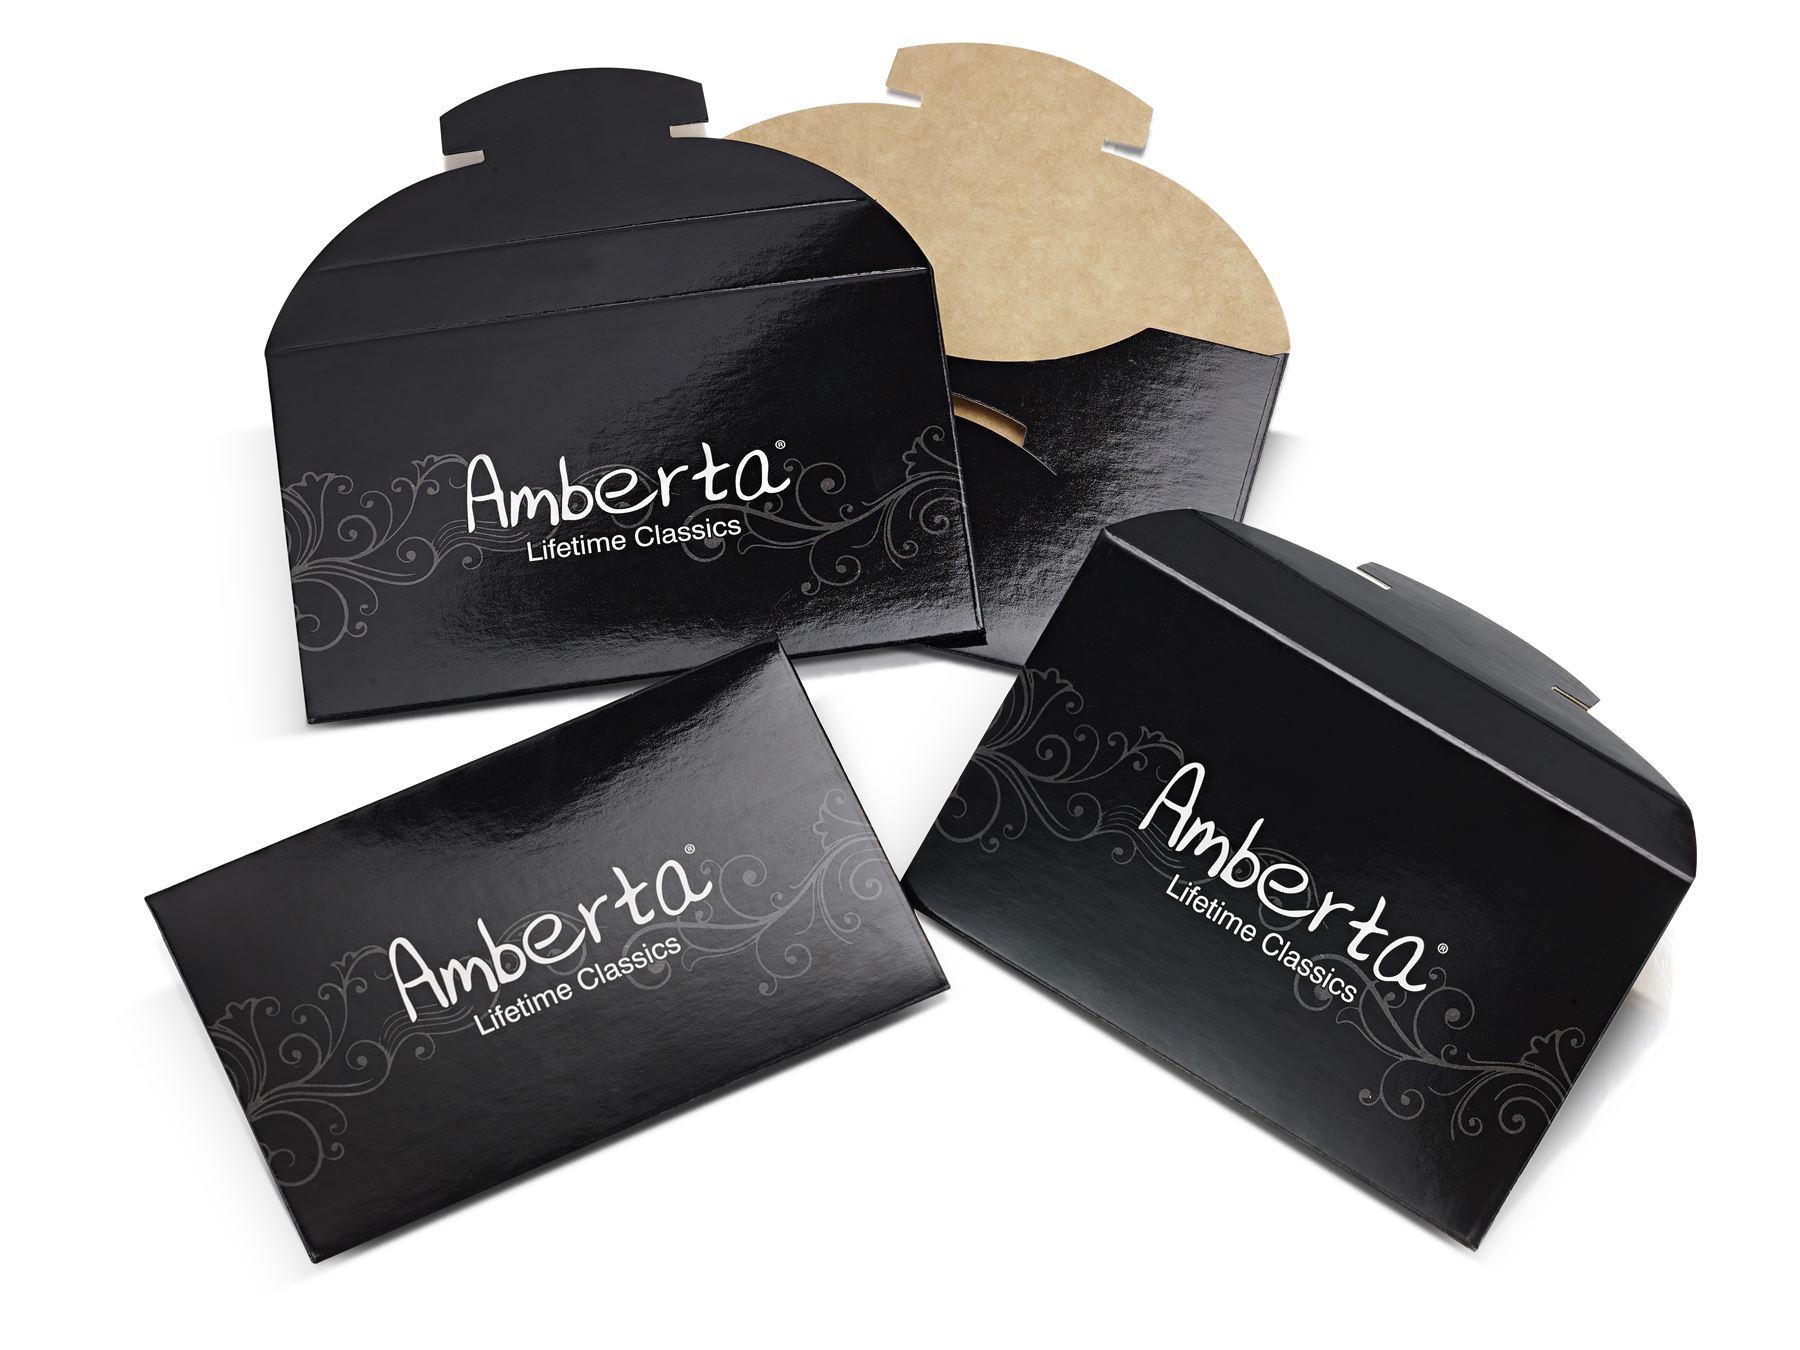 Amberta-Bijoux-Bracelet-en-Vrai-Argent-Sterling-925-Chaine-pour-Femme-a-la-Mode thumbnail 11